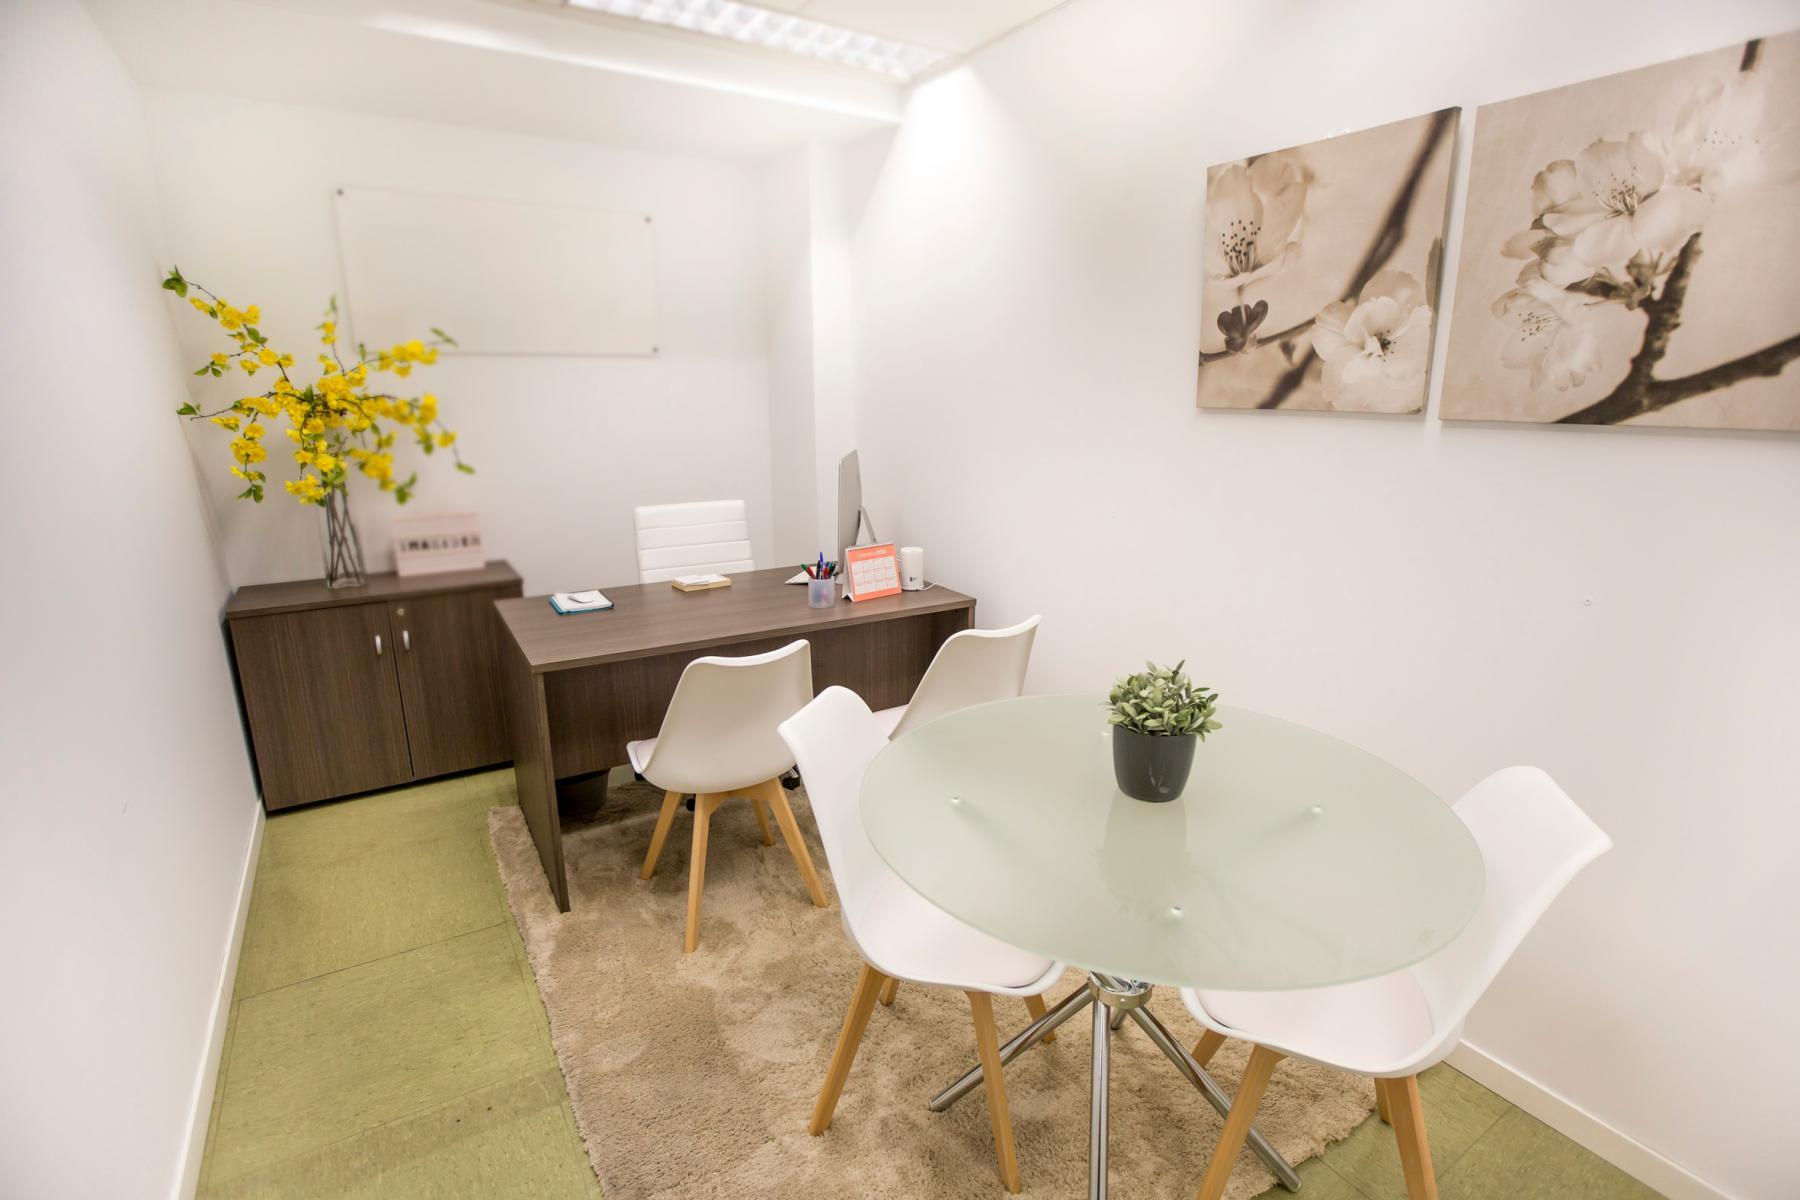 Alquilar oficinas Plaza de José Moreno Villa 2, Madrid (4)